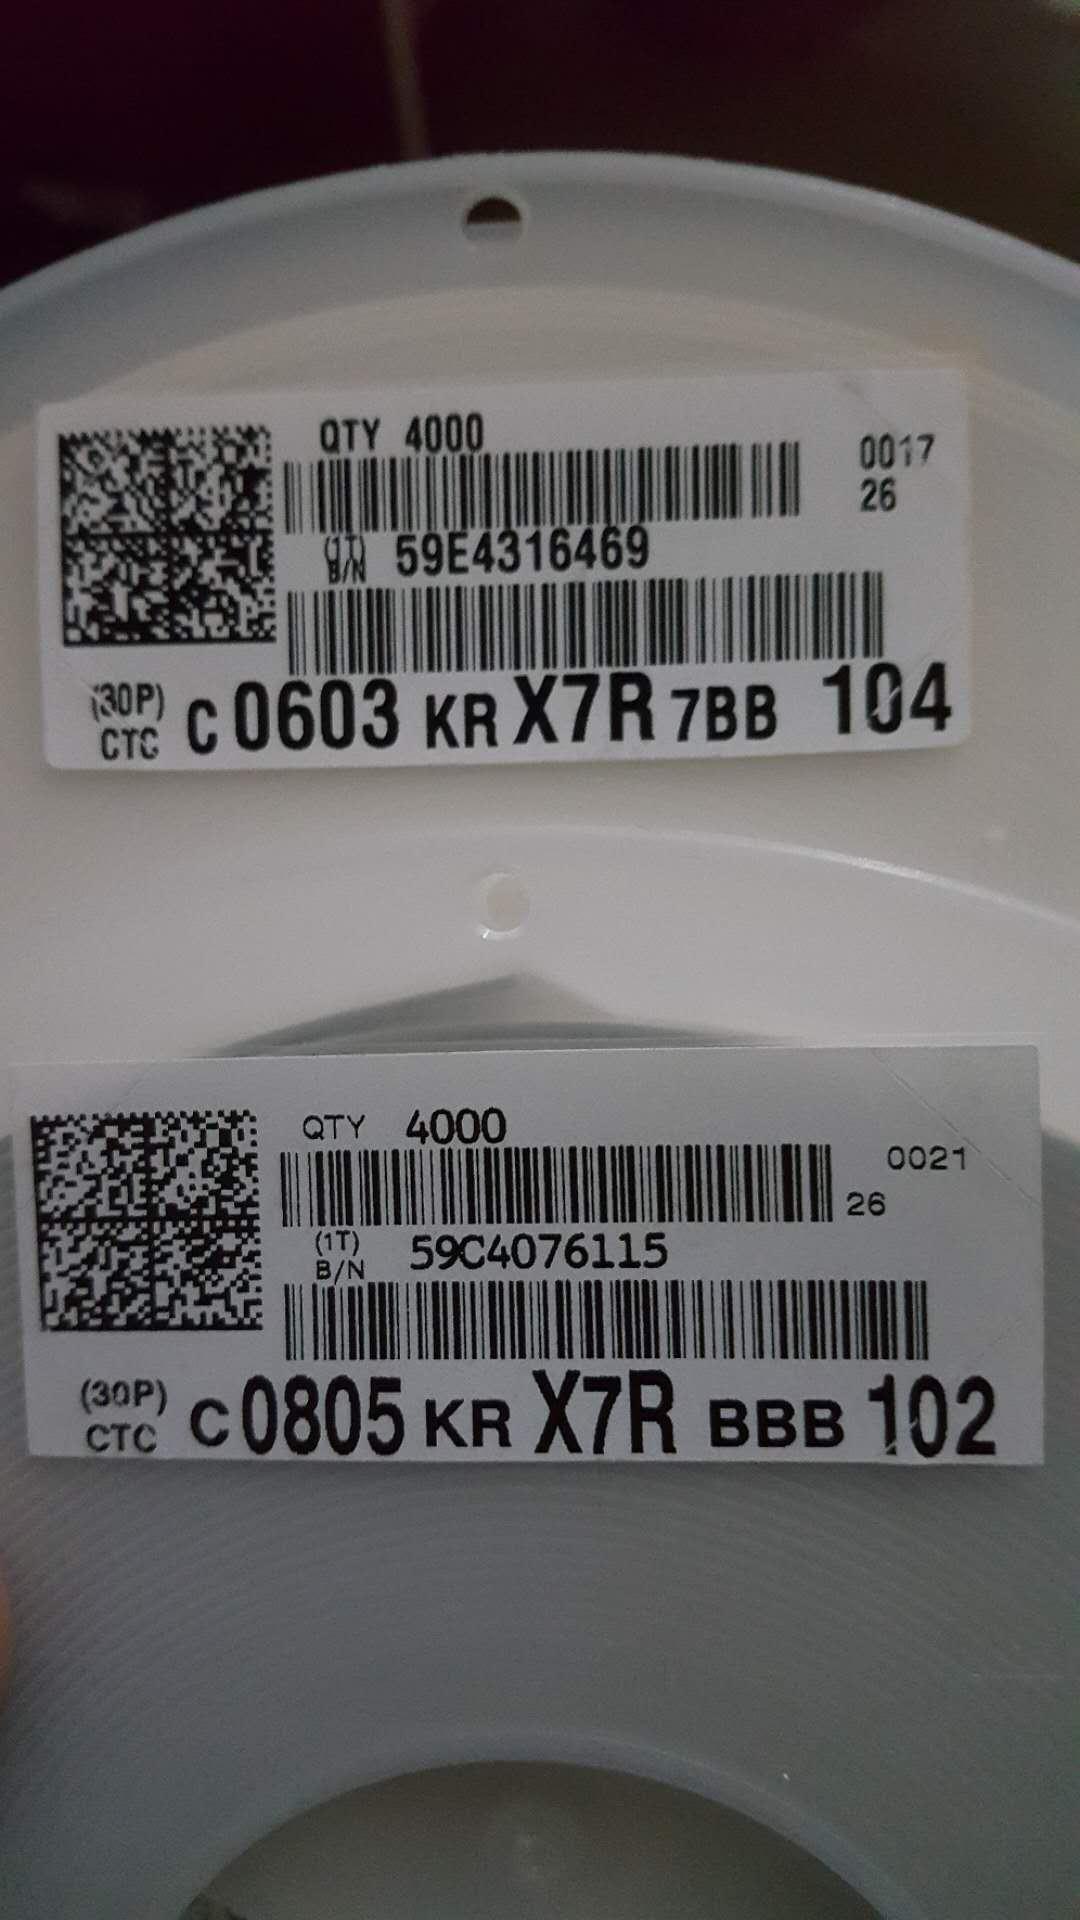 回收厂家库存料 回收电子元件 回收电子料 广东回收IC 高价回收各类电容/钽电容产品 回收手机料